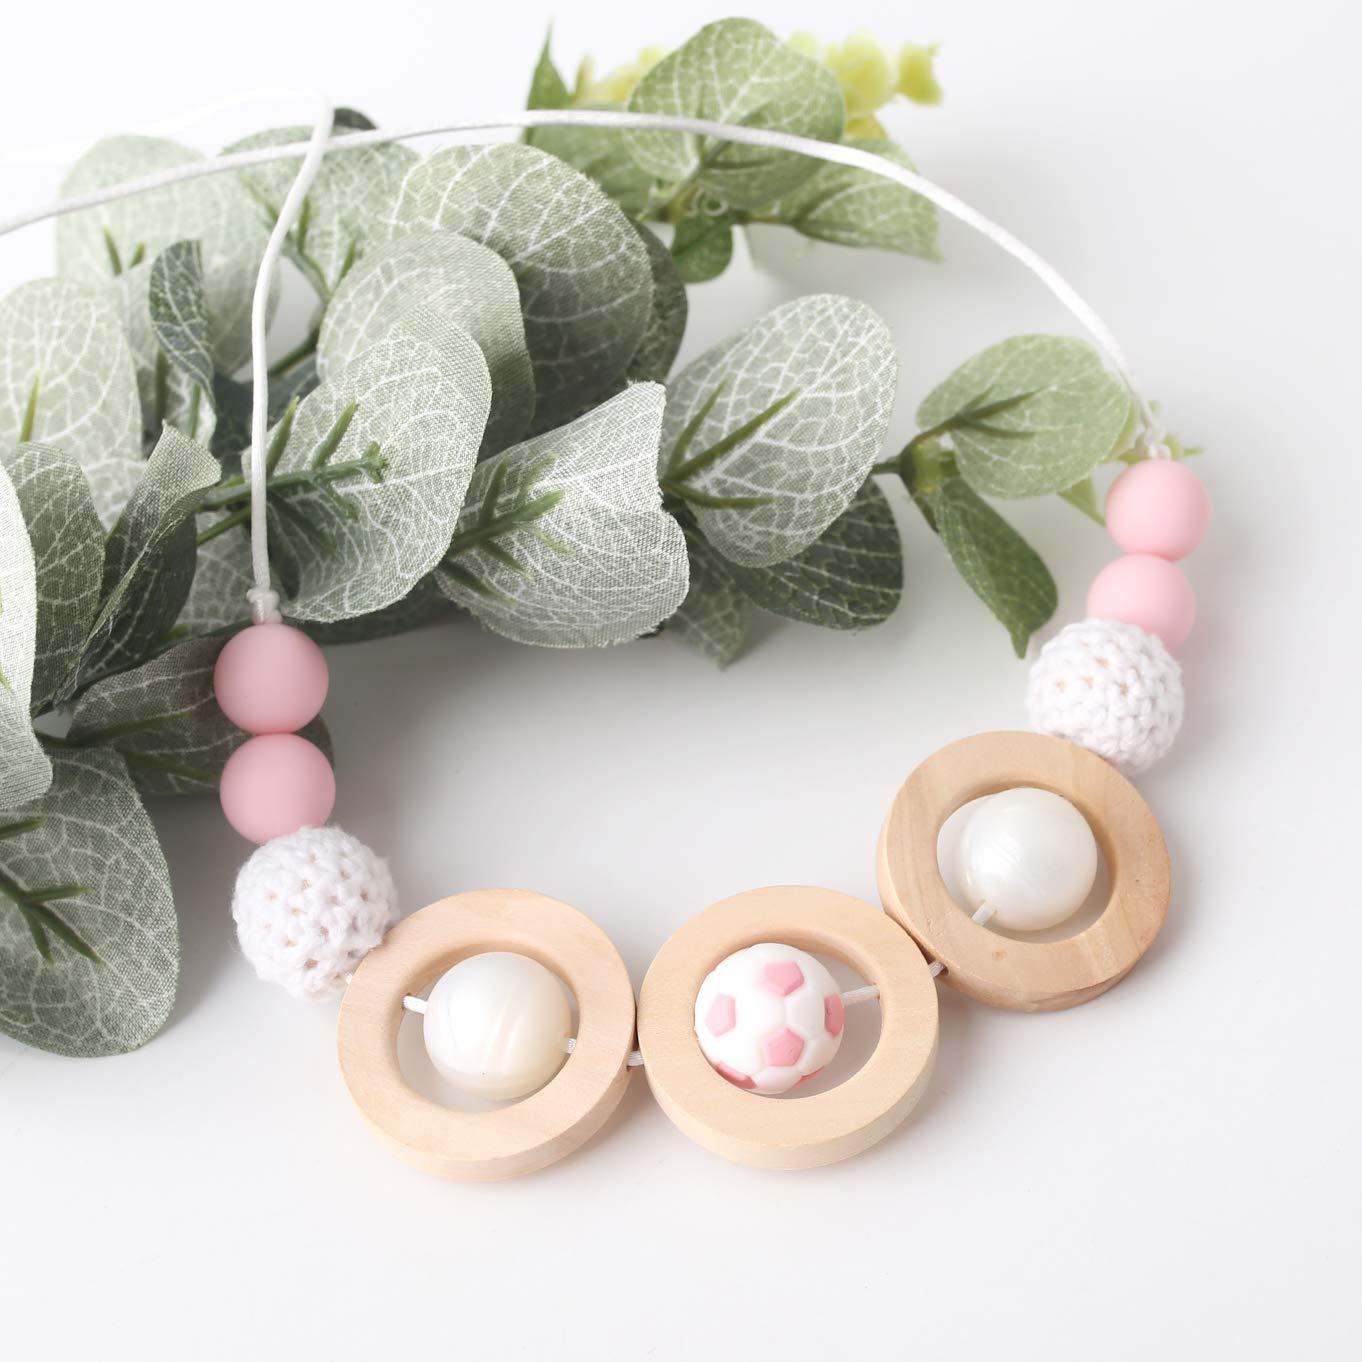 50pc Silicone /étoile perles Wave Baby Teether jouets b/éb/é Montessori jouets de qualit/é alimentaire Silicone dentition perles /à m/âcher perles /à dentition